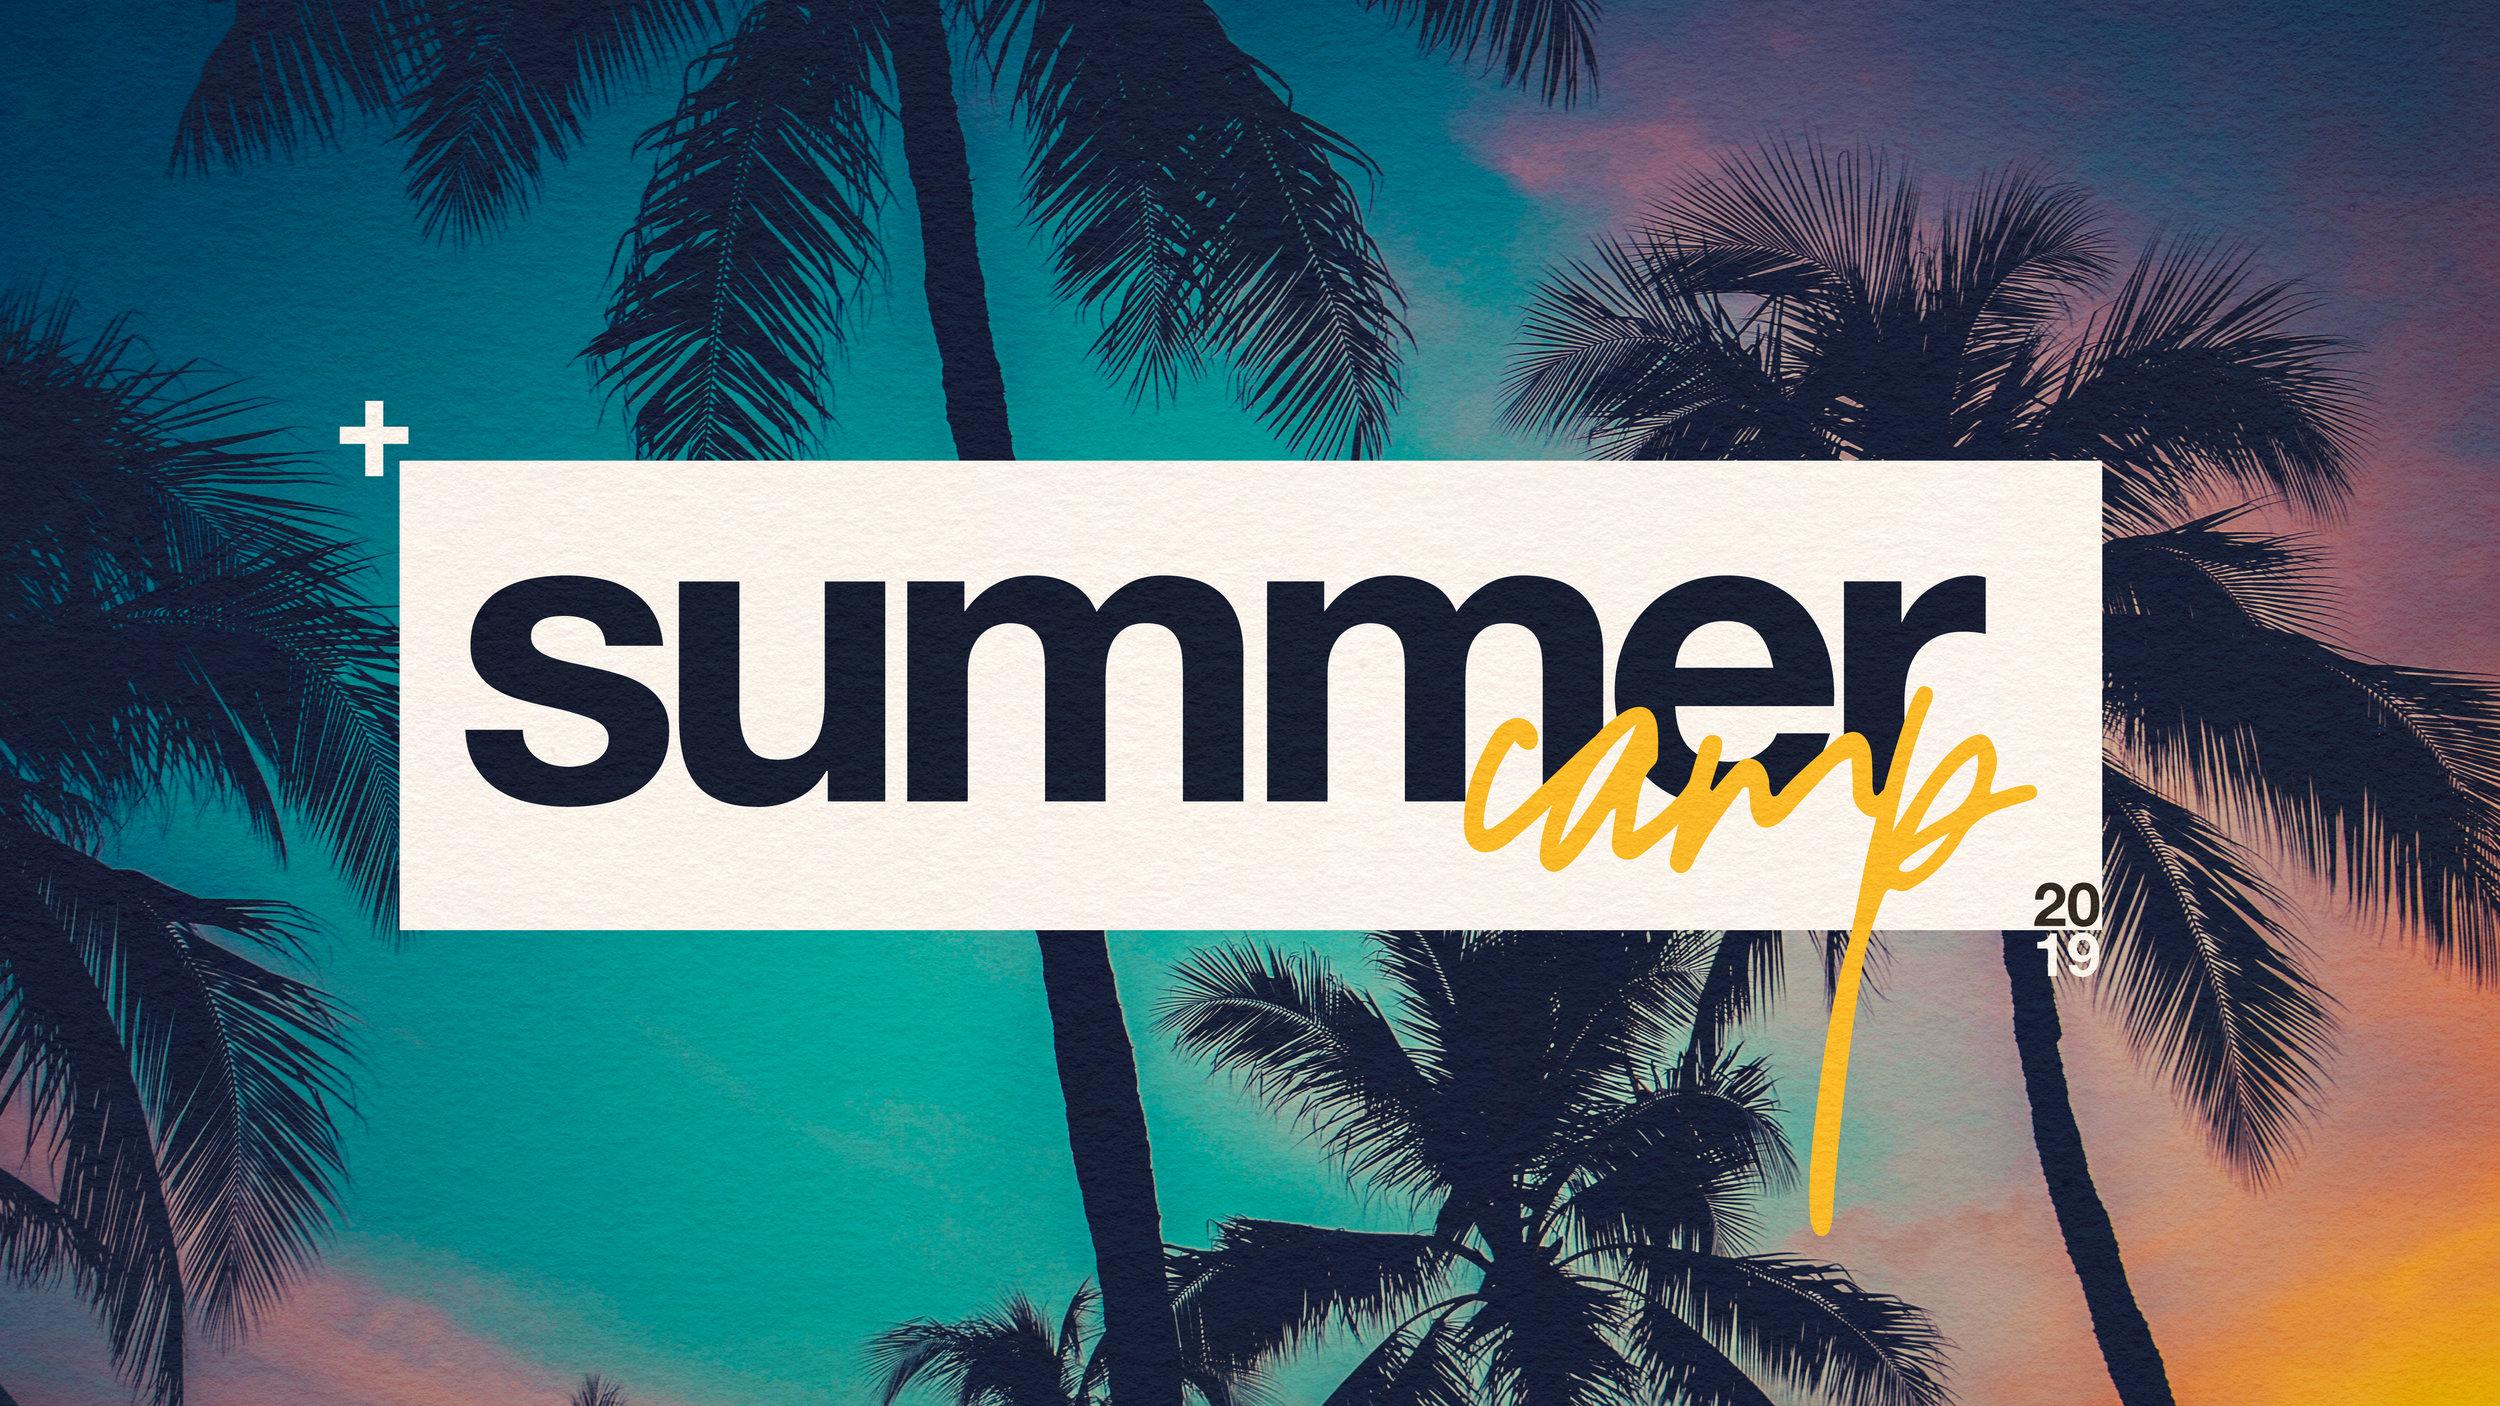 SummerCamp_Title_Grow.jpg